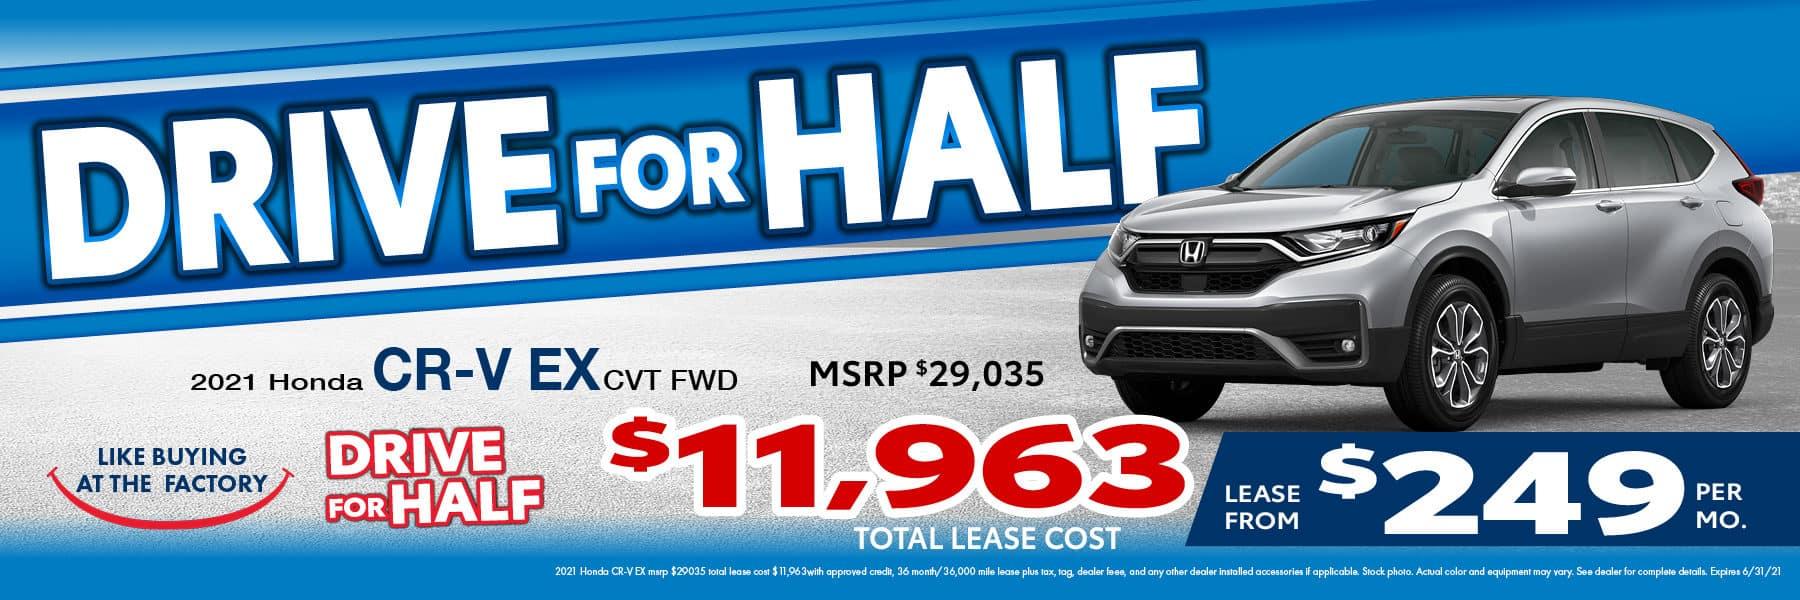 rjjT3991 HQ Honda 1800×600 Drive Half2